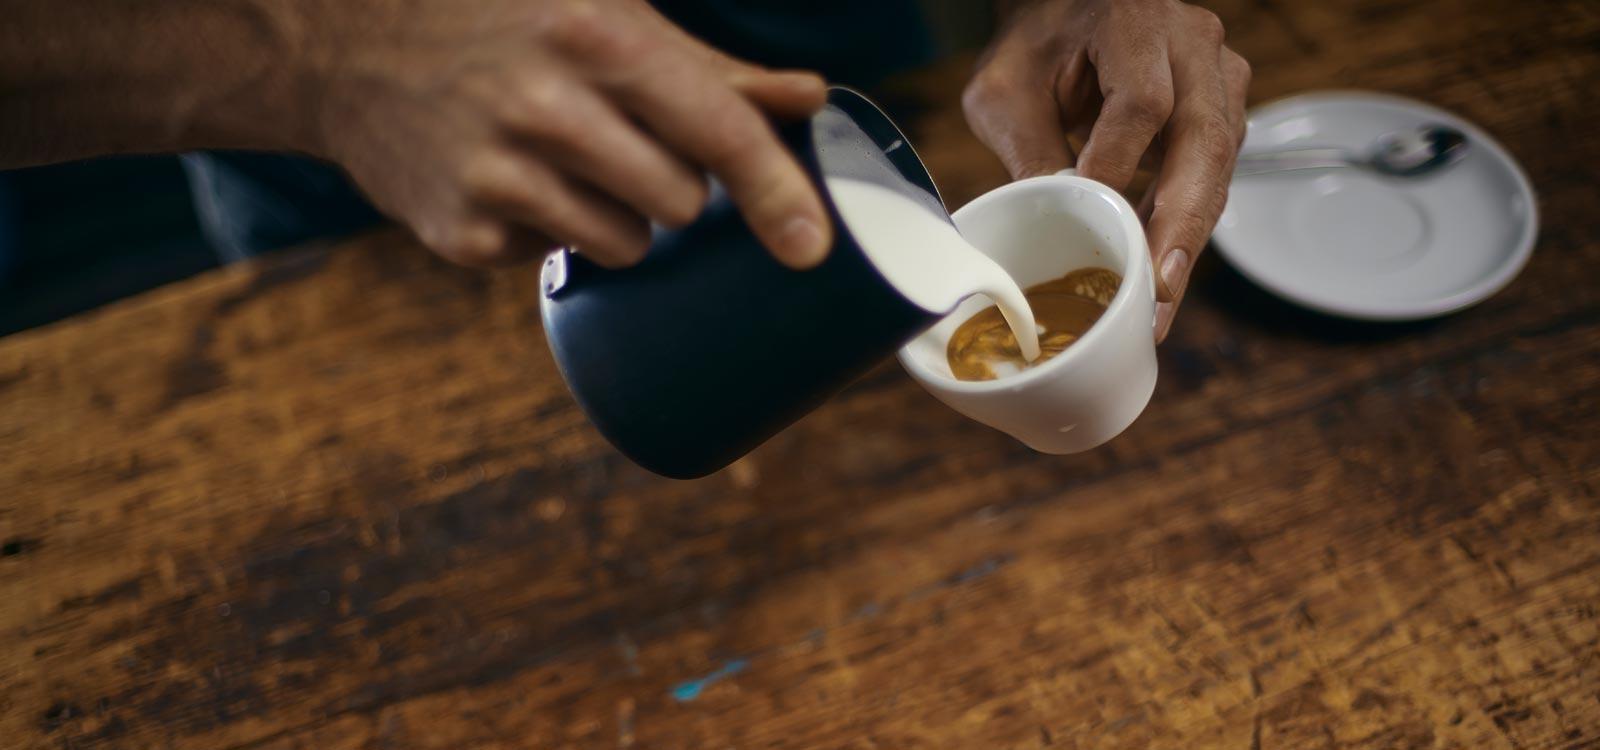 bassett-milk-pour-2.jpg